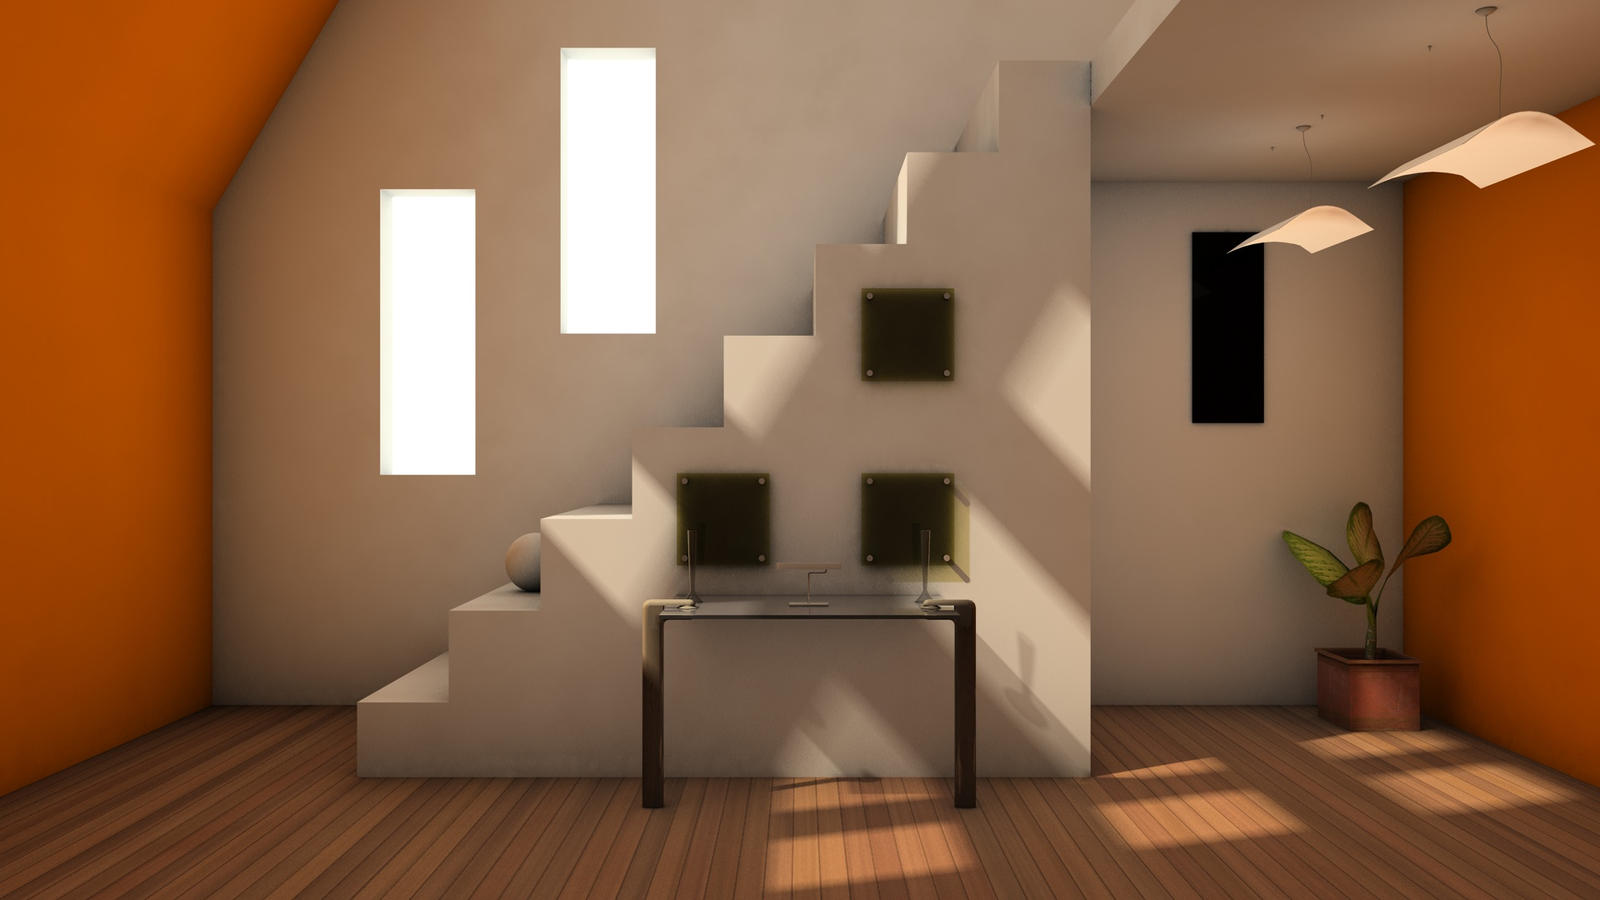 Interior seu pc a continua o de sua casa windowsnet - Intiriror picture ...